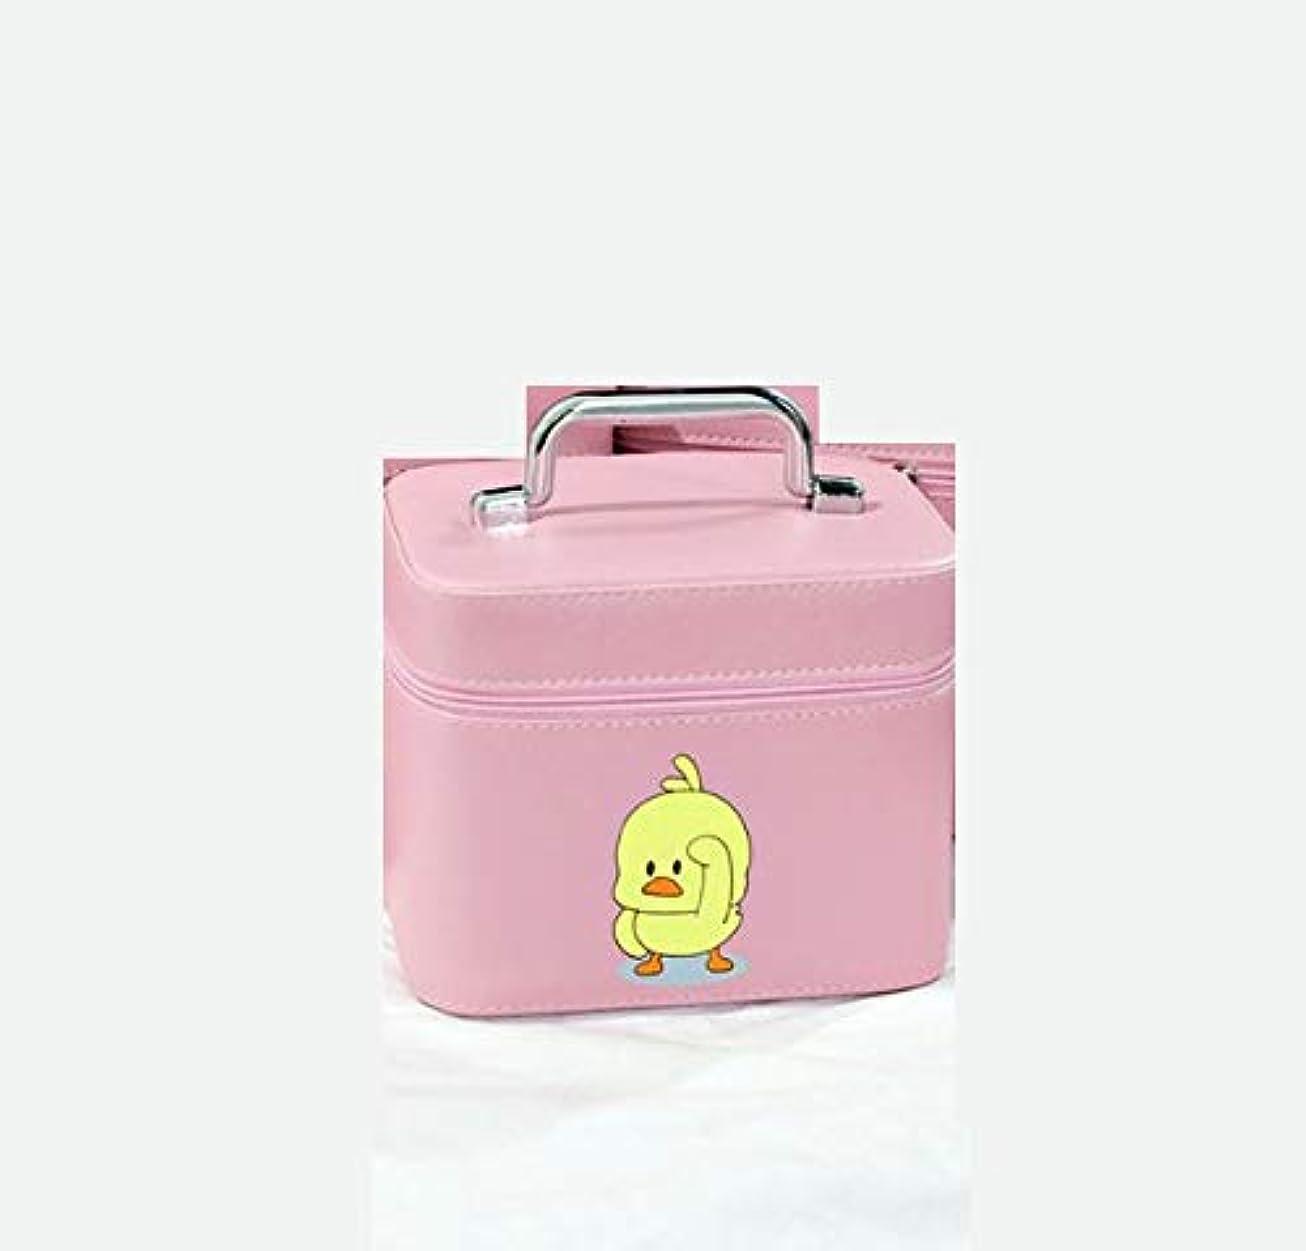 肌寒い引く言い直す化粧箱、大容量漫画アヒル化粧品ケース、ポータブル旅行化粧品ケース、美容ネイルジュエリー収納ボックス (Size : M)